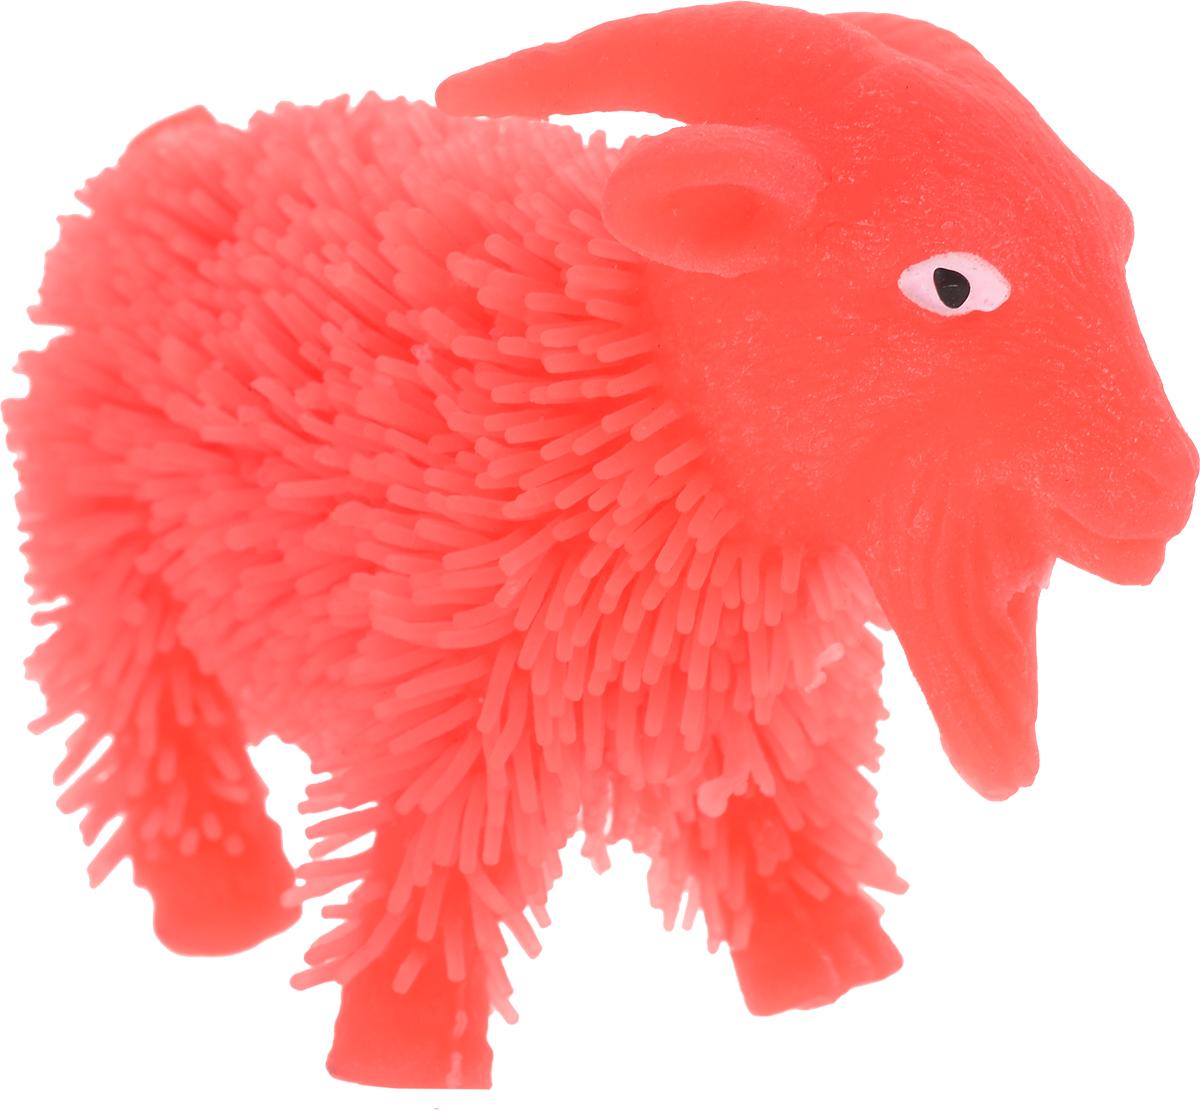 1TOY Антистрессовая игрушка Нью-Ёжики Козел цвет коралловый